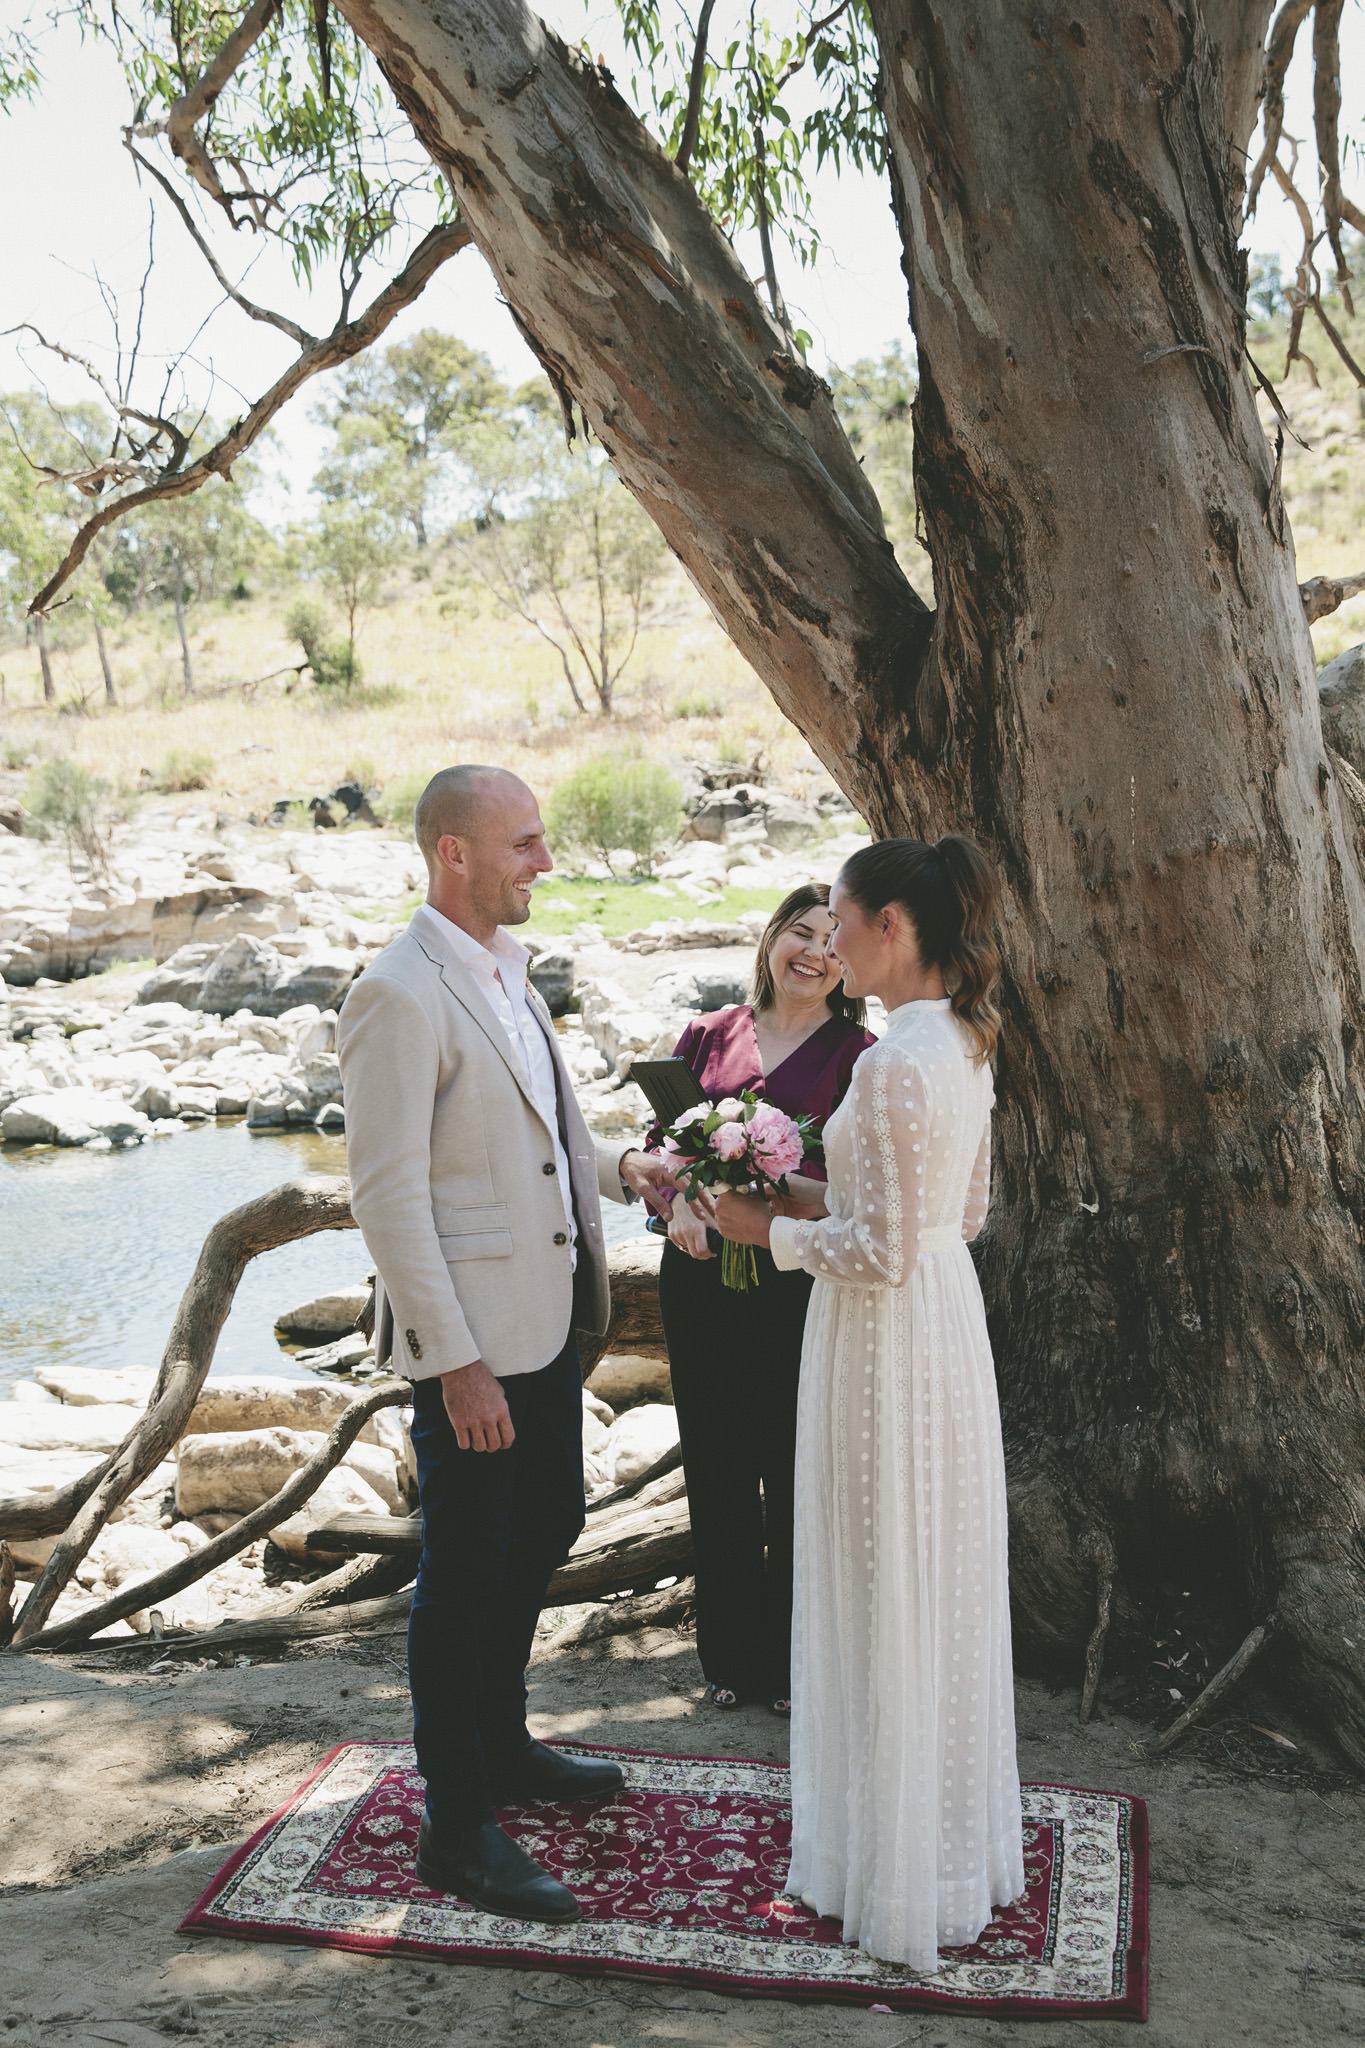 Copyright www.fieldsandskies.com.au